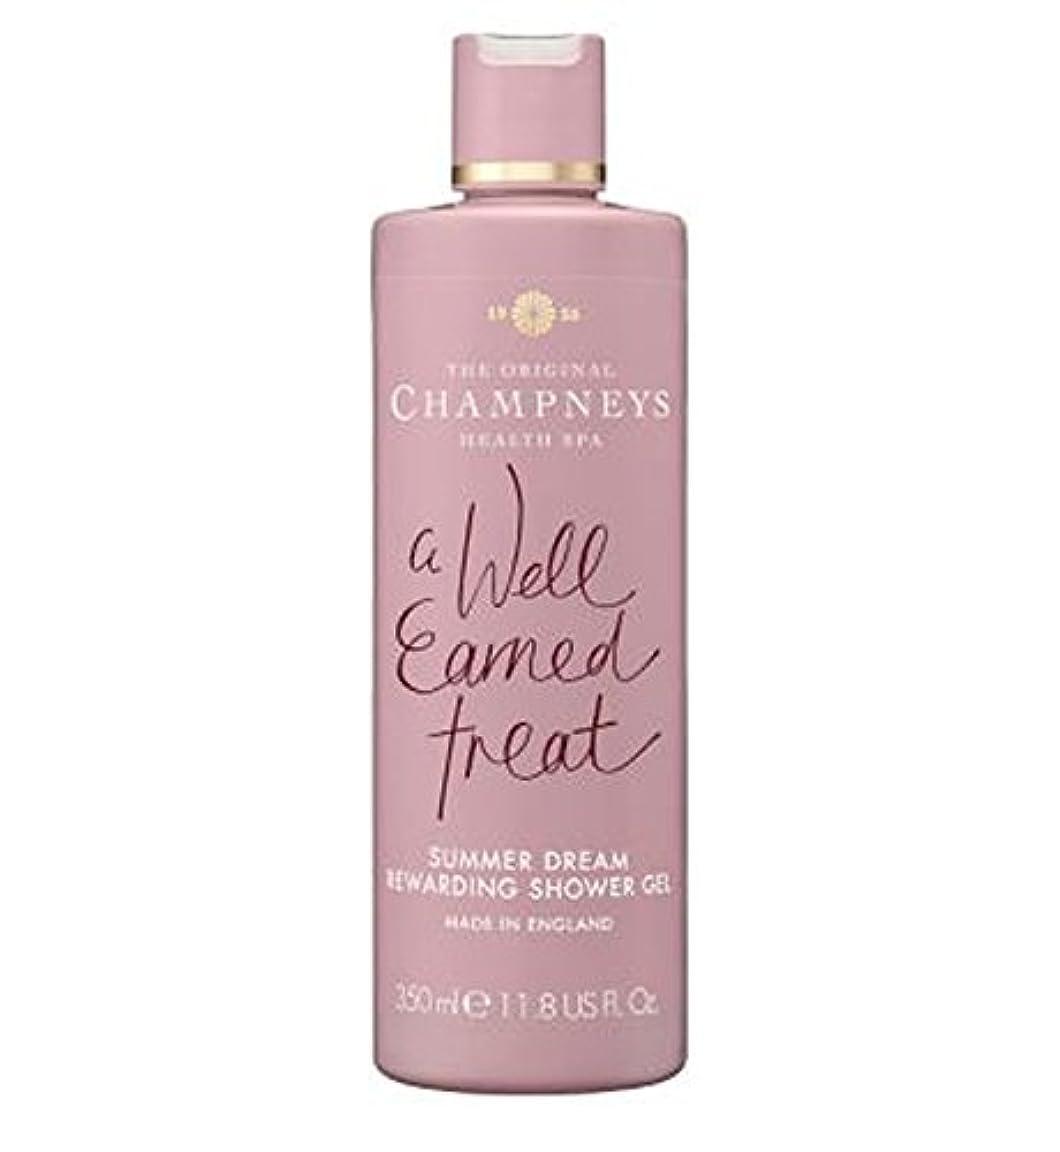 ゴミ箱を空にするブロッサムゴールChampneys Summer Dream Rewarding Shower Gel 350ml - チャンプニーズの夏の夢やりがいのシャワージェル350ミリリットル (Champneys) [並行輸入品]